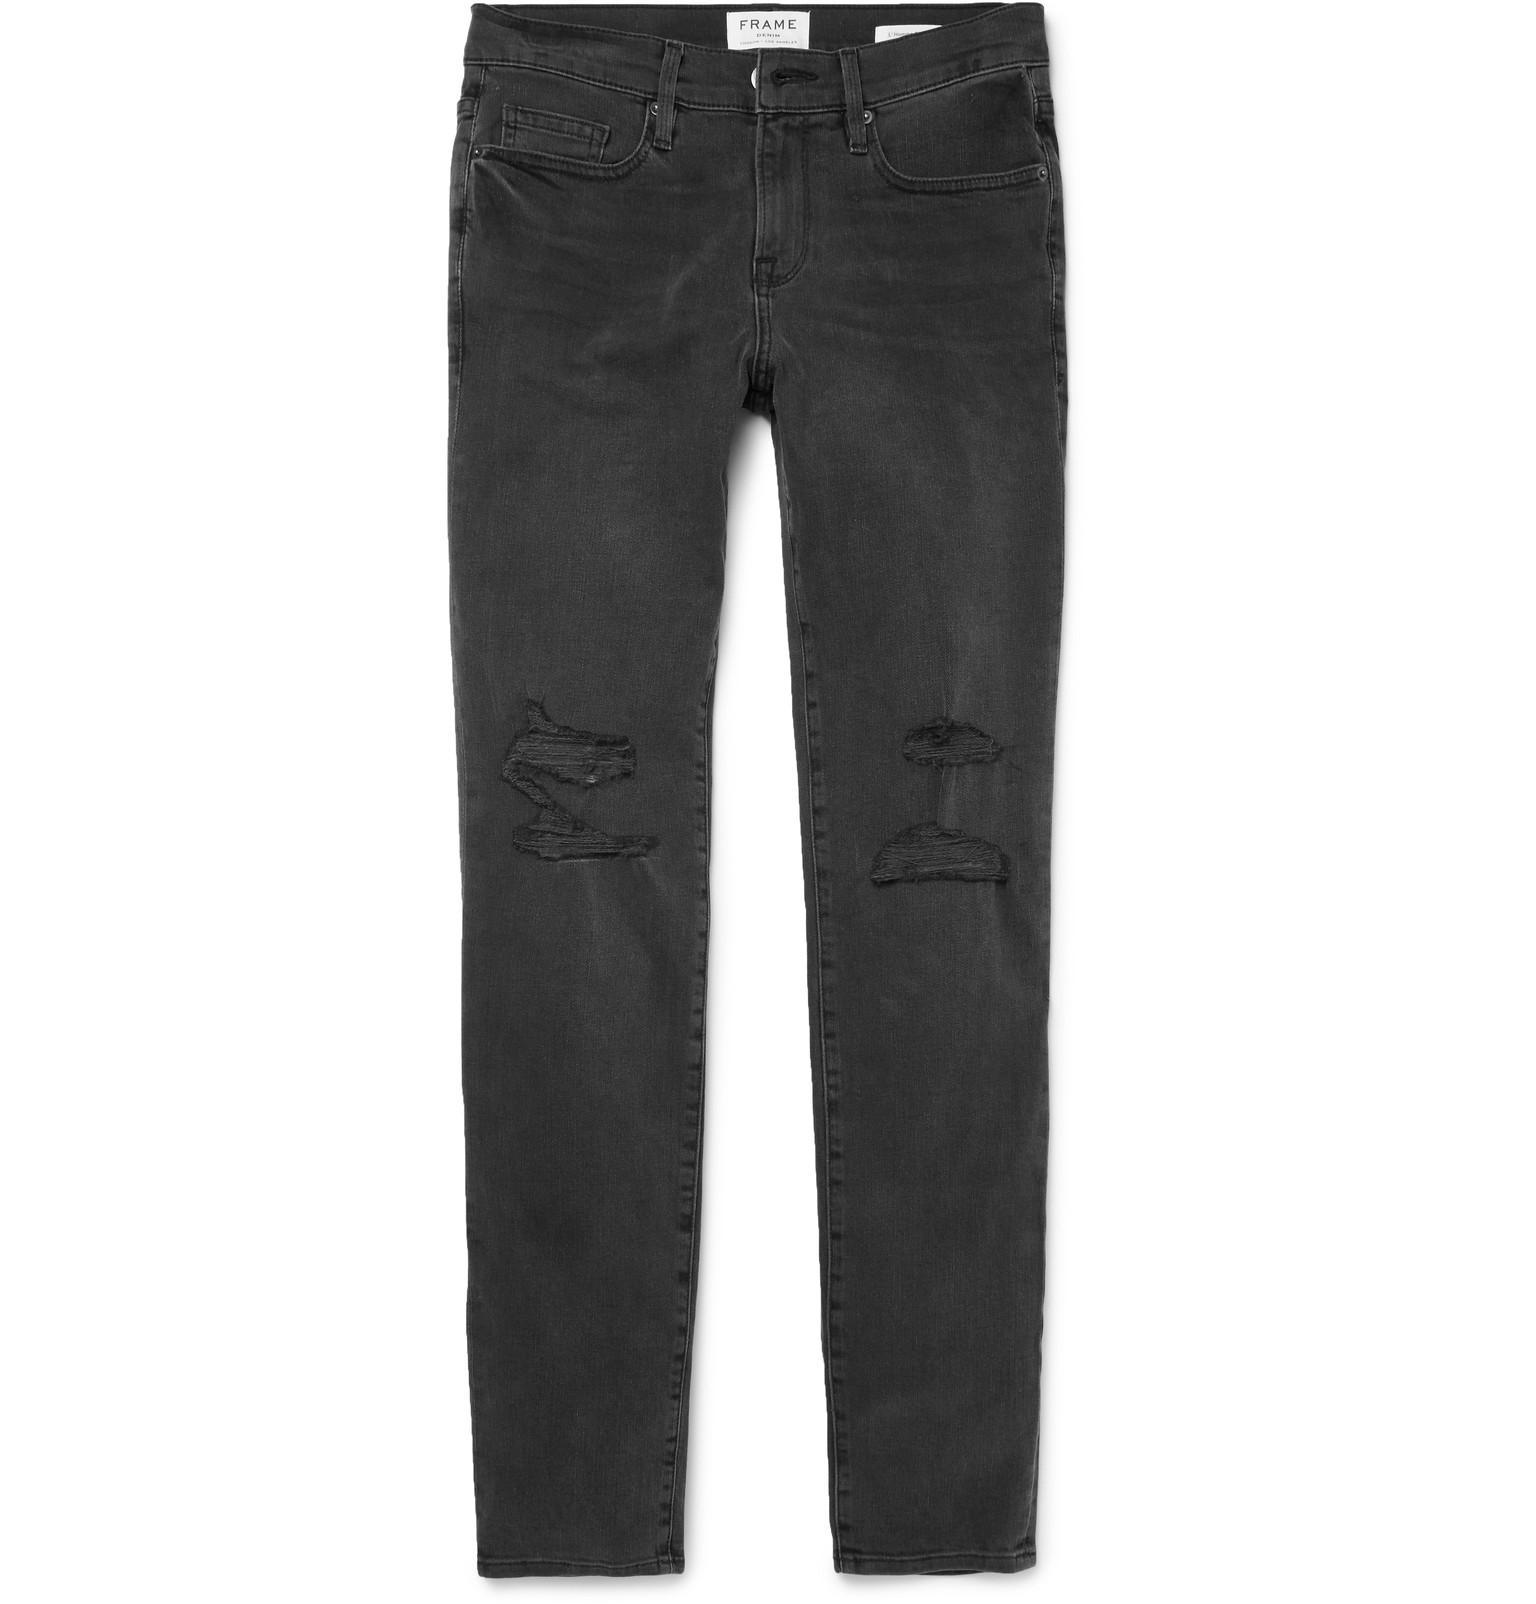 frame l 39 homme slim fit distressed stretch denim jeans in black for men lyst. Black Bedroom Furniture Sets. Home Design Ideas